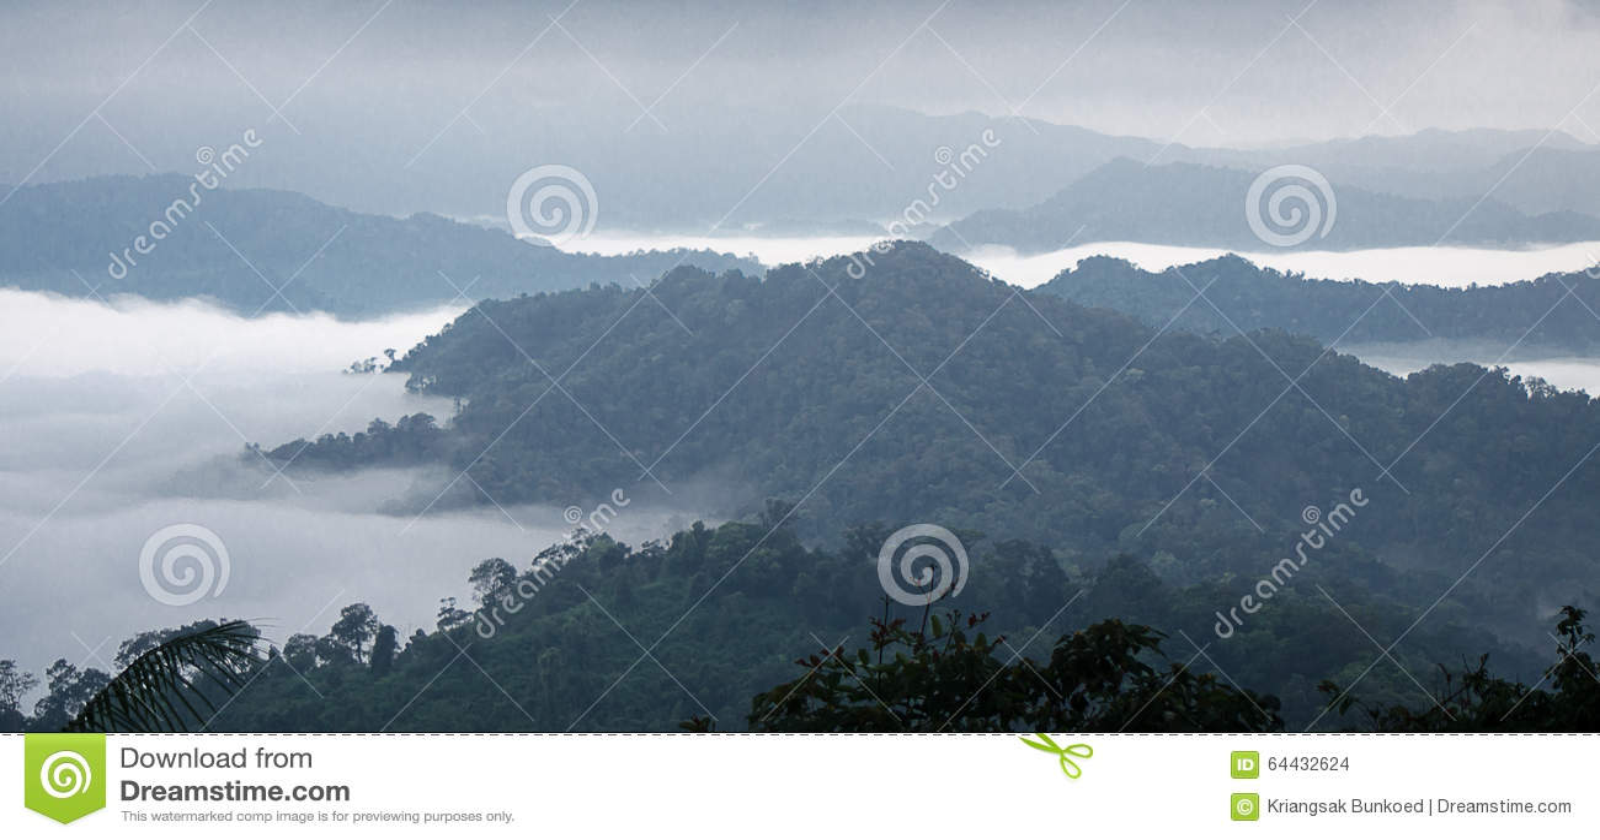 Mar de la niebla en la montaña Fondo de la falta de definición